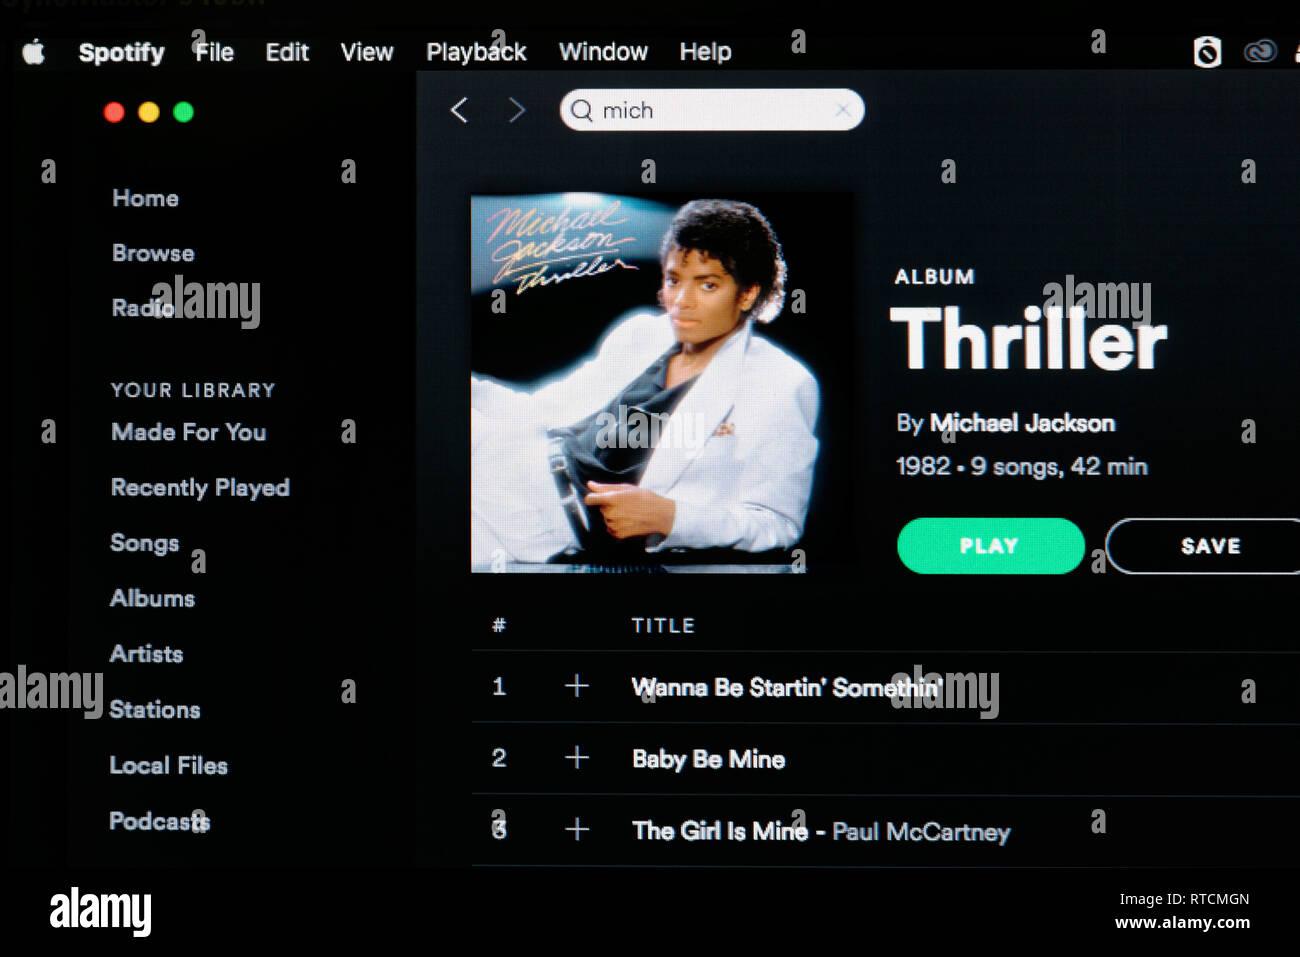 Michael Jackson Thriller álbum Spotify página Imagen De Stock